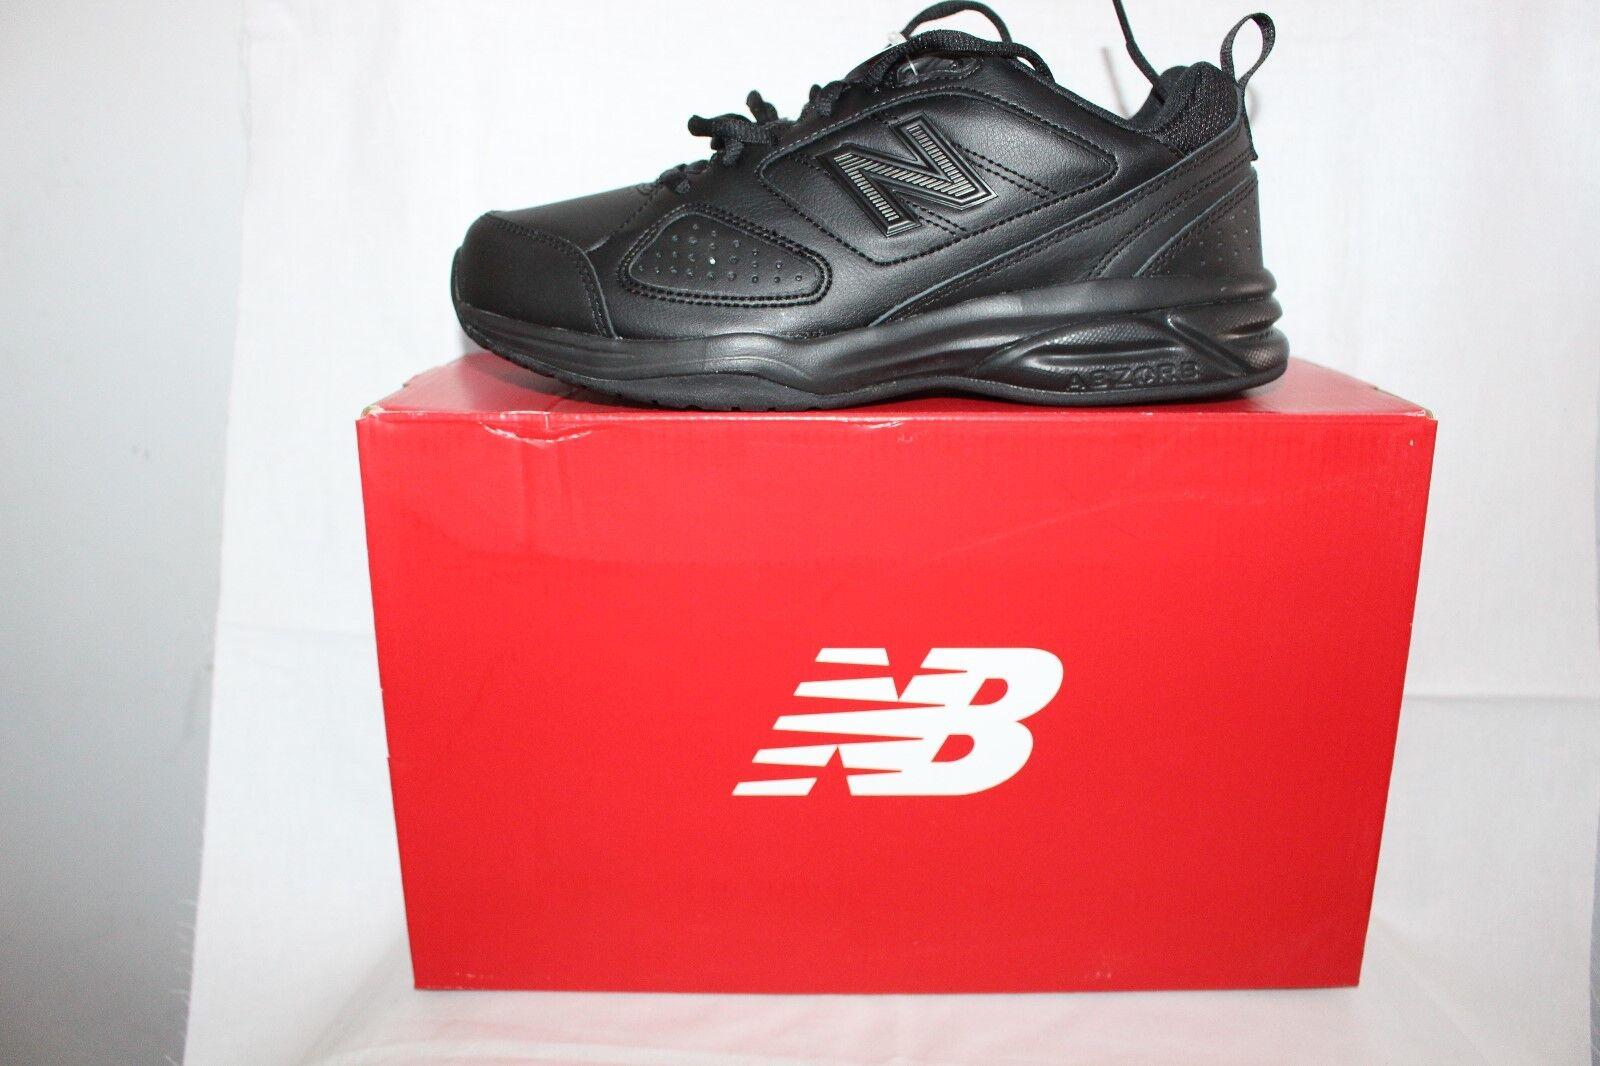 Damas Zapatos Zapatos Zapatos Calzado-New Balance Chándal WX624 Negro  bienvenido a comprar